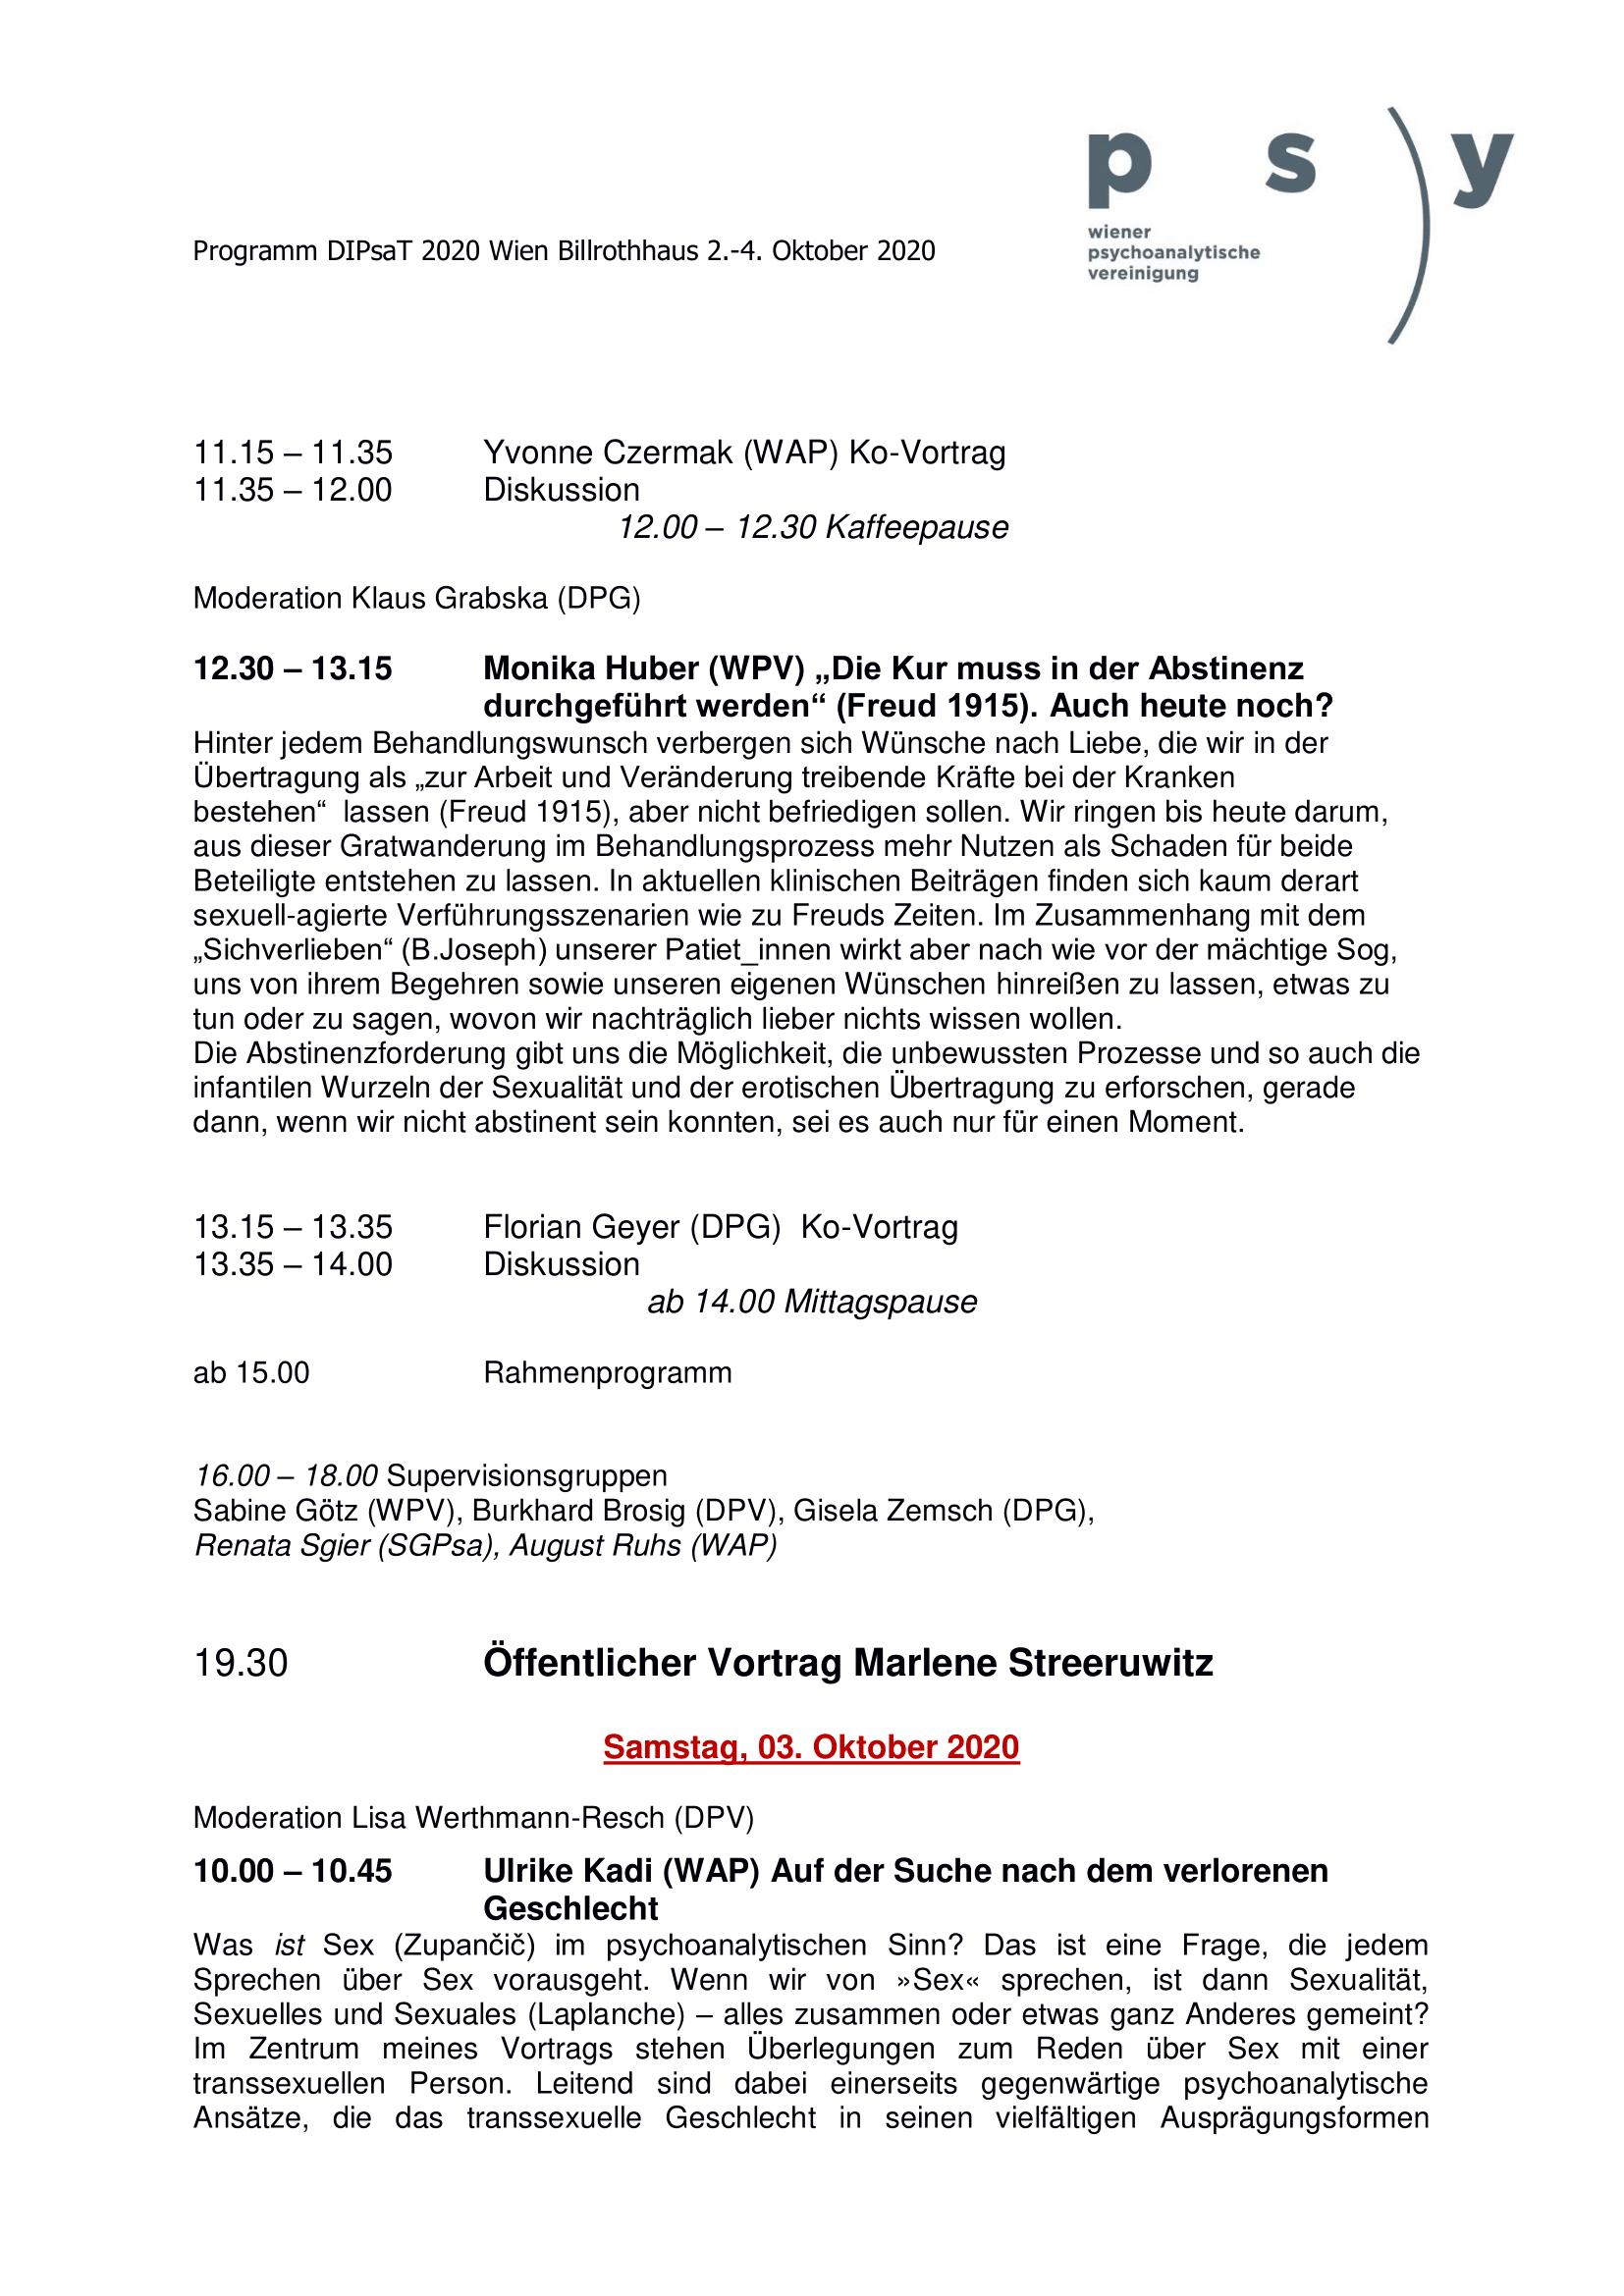 Programm DIPSAT 2020 2